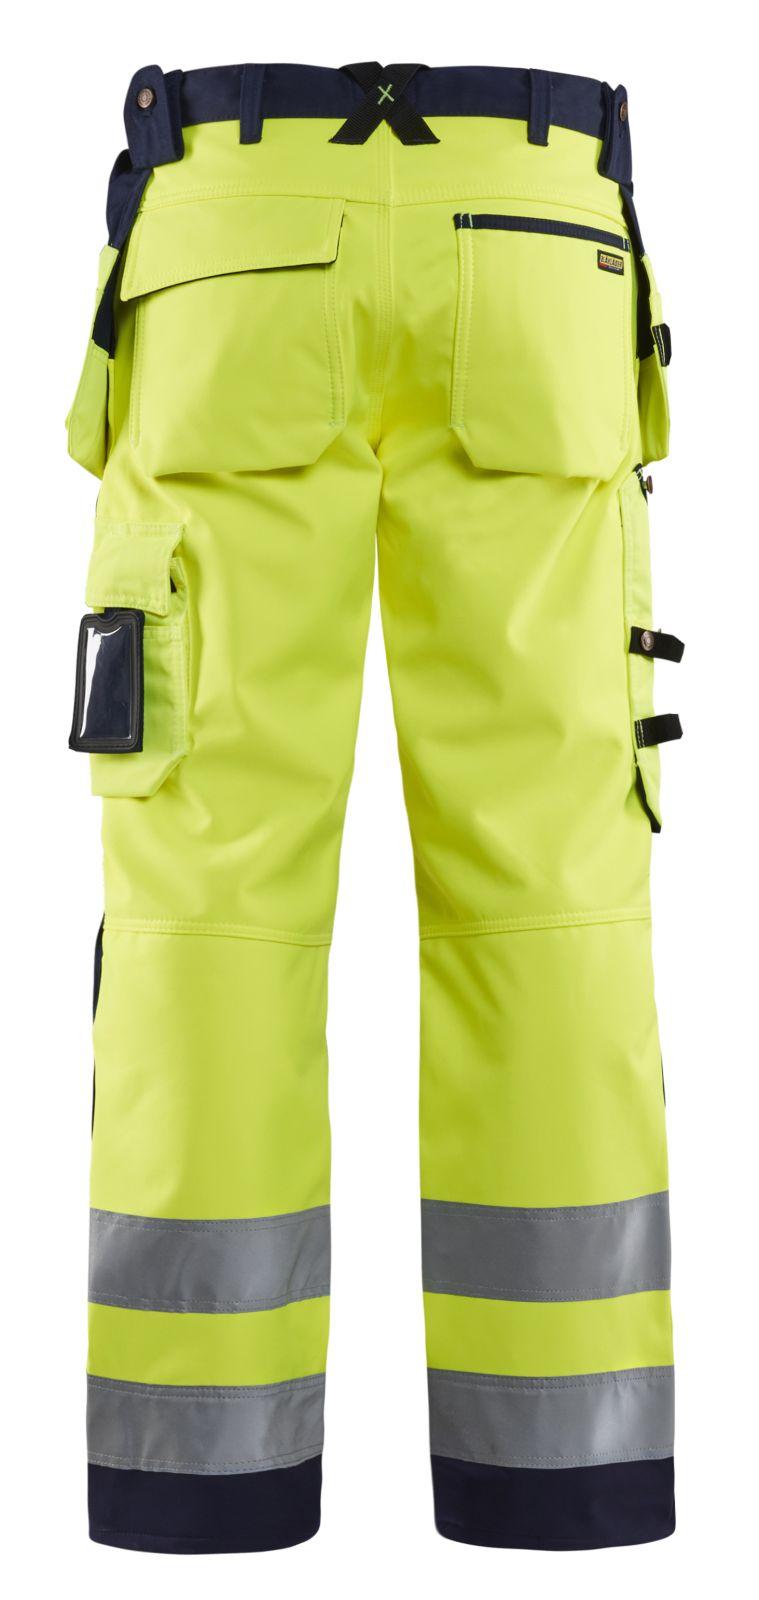 Blaklader Softshell werkbroeken 15672517 High Vis geel-marineblauw(3389)